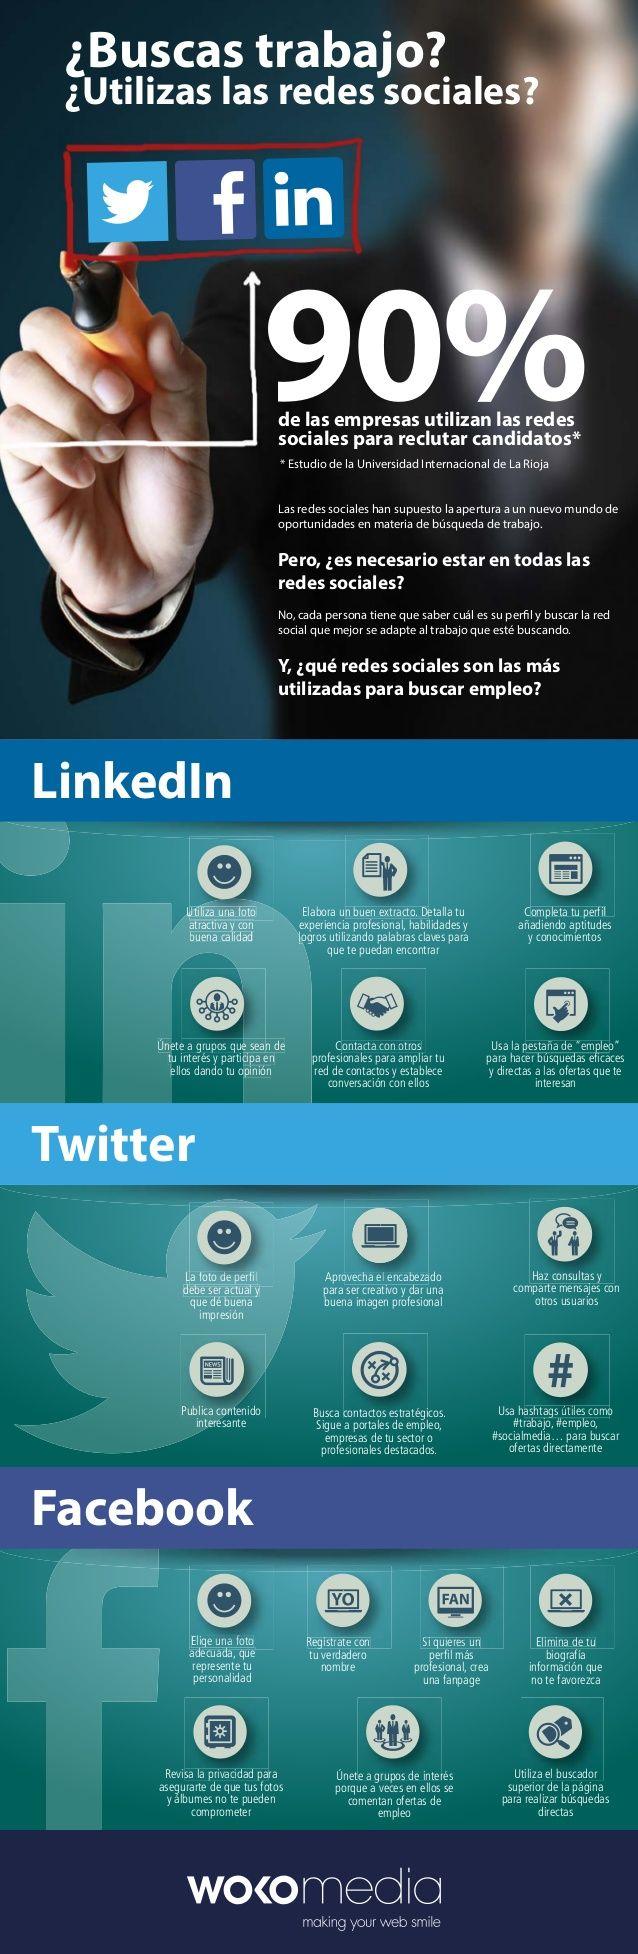 #Infografia #Curiosidades ¿Cómo buscar empleo en las redes sociales? #TAVnews